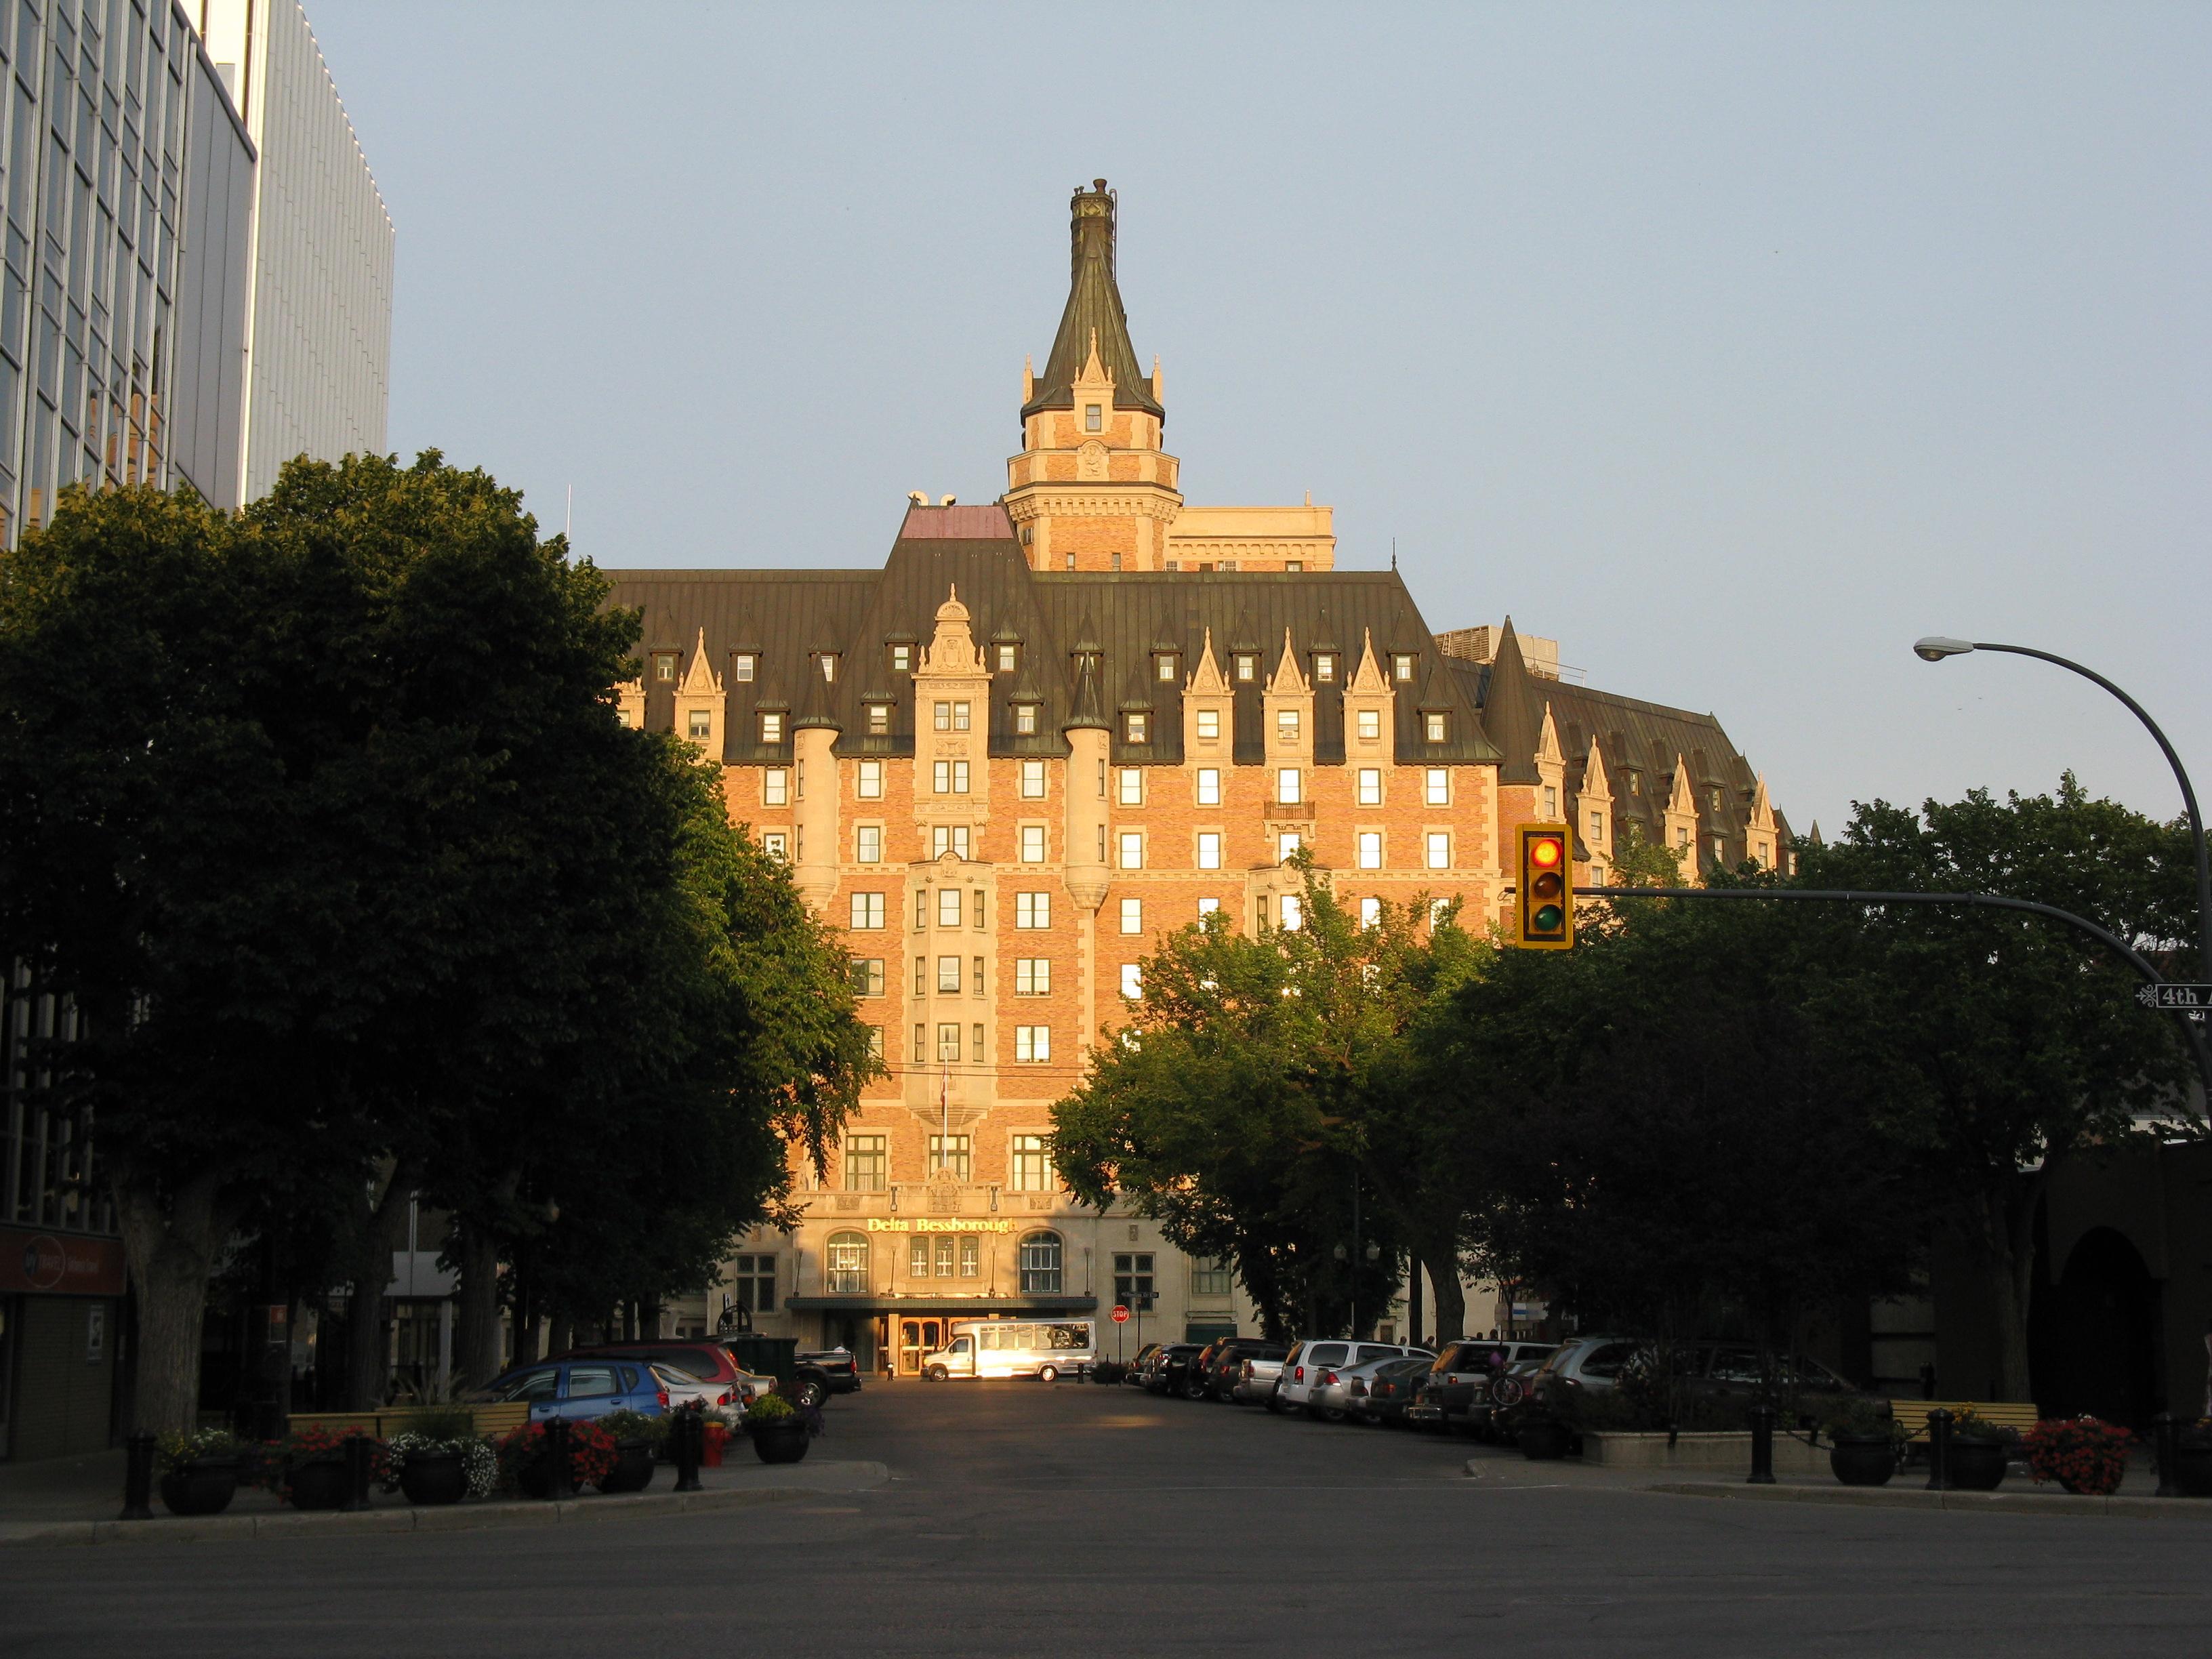 sun shining on the Bessborough hotel in Saskatoon